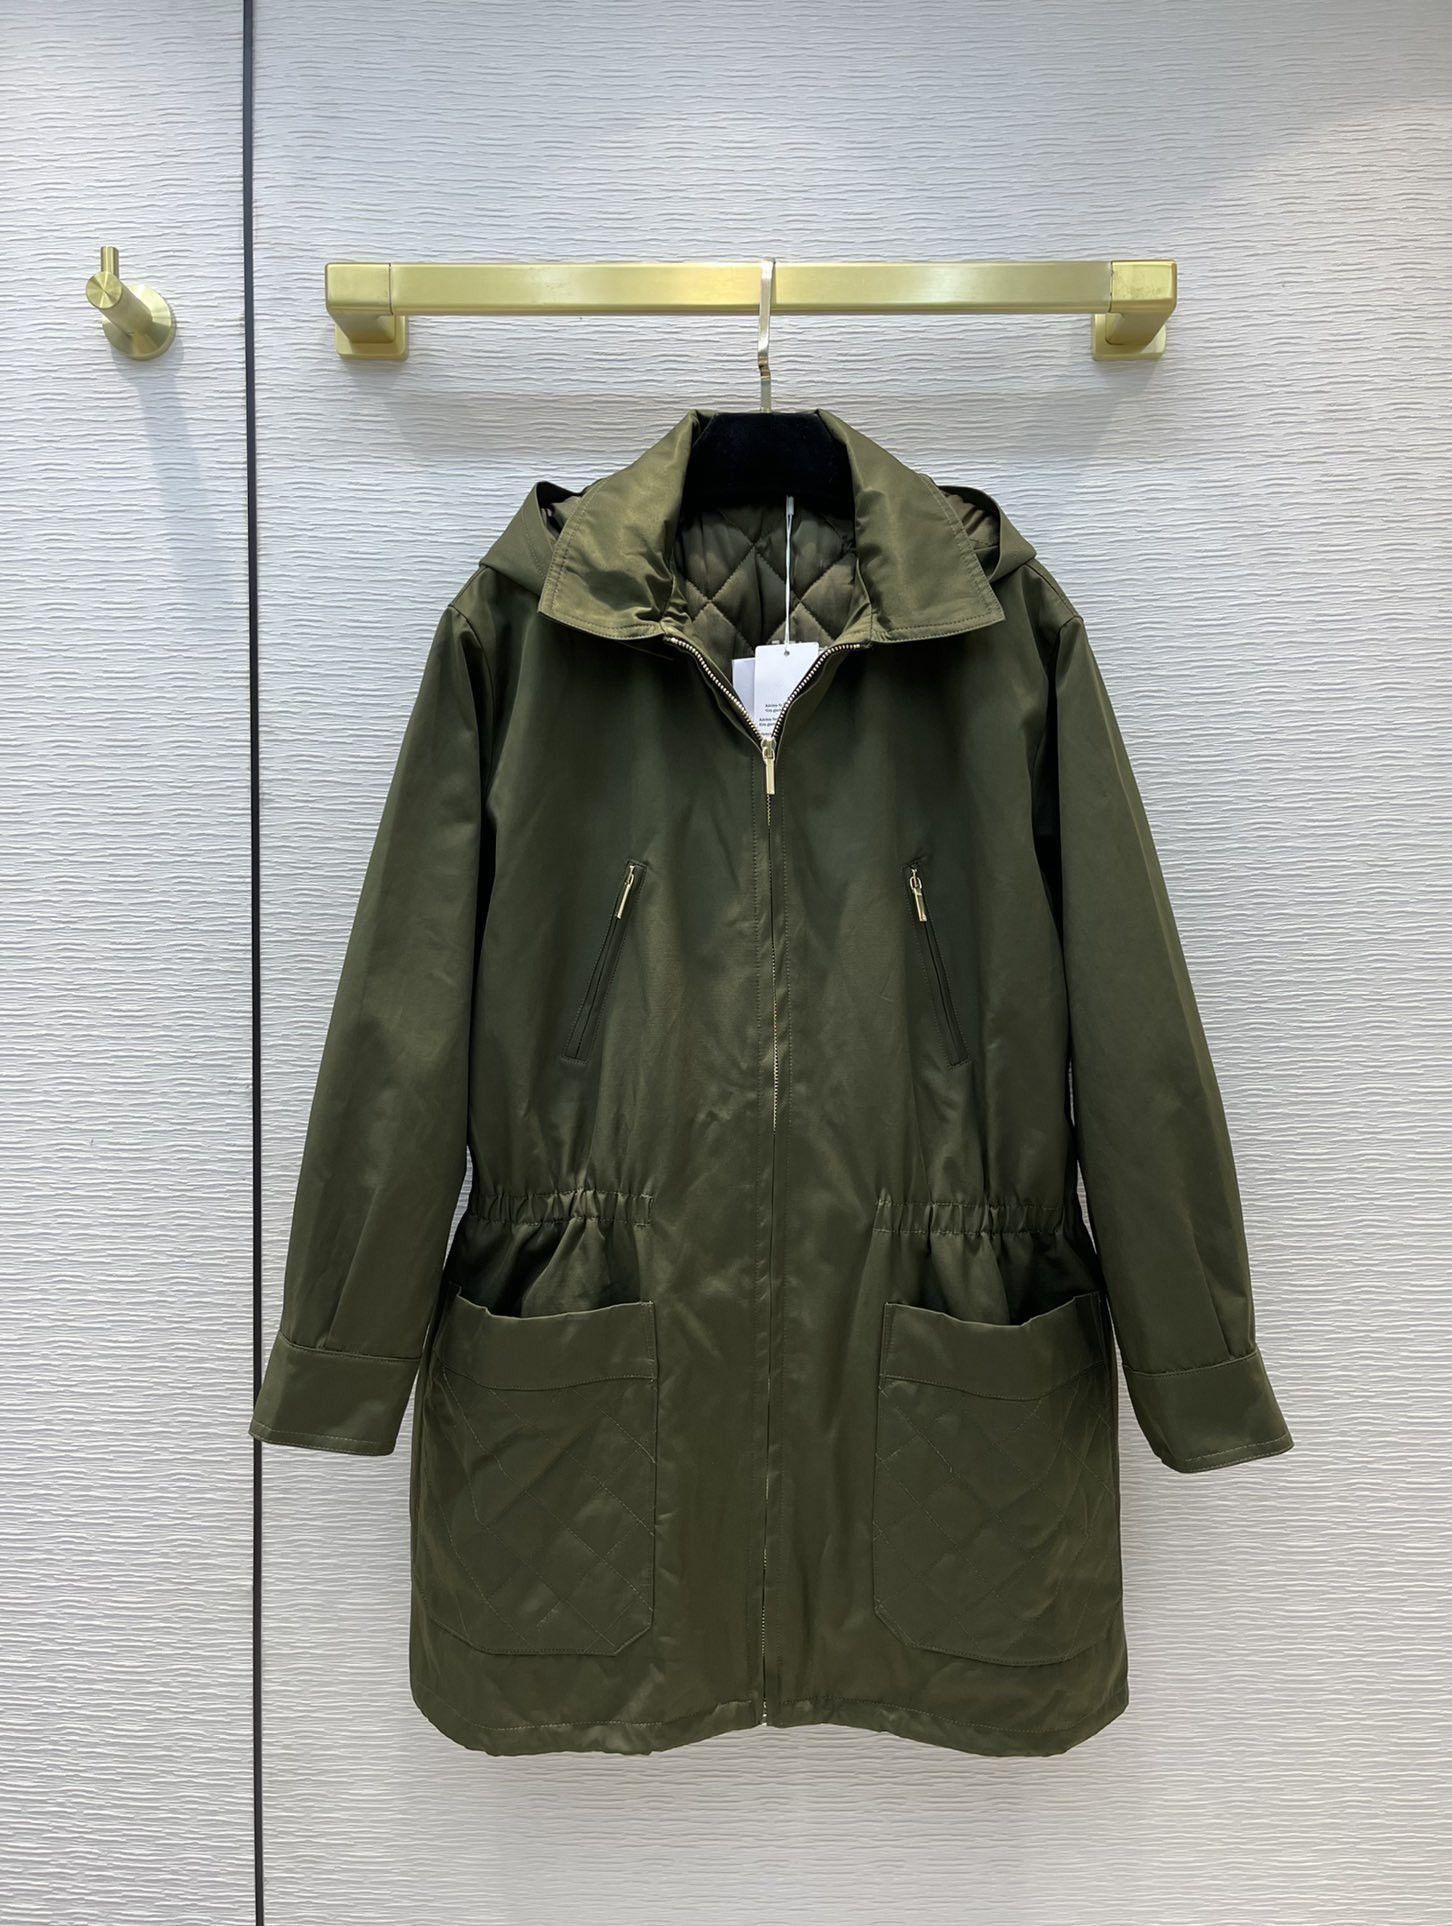 Kadın Trençkotlar 2021 Sonbahar Kış Uzun Kollu Kapüşonlu Ceket Tasarımcı Marka Aynı Stil Giyim 0918-4